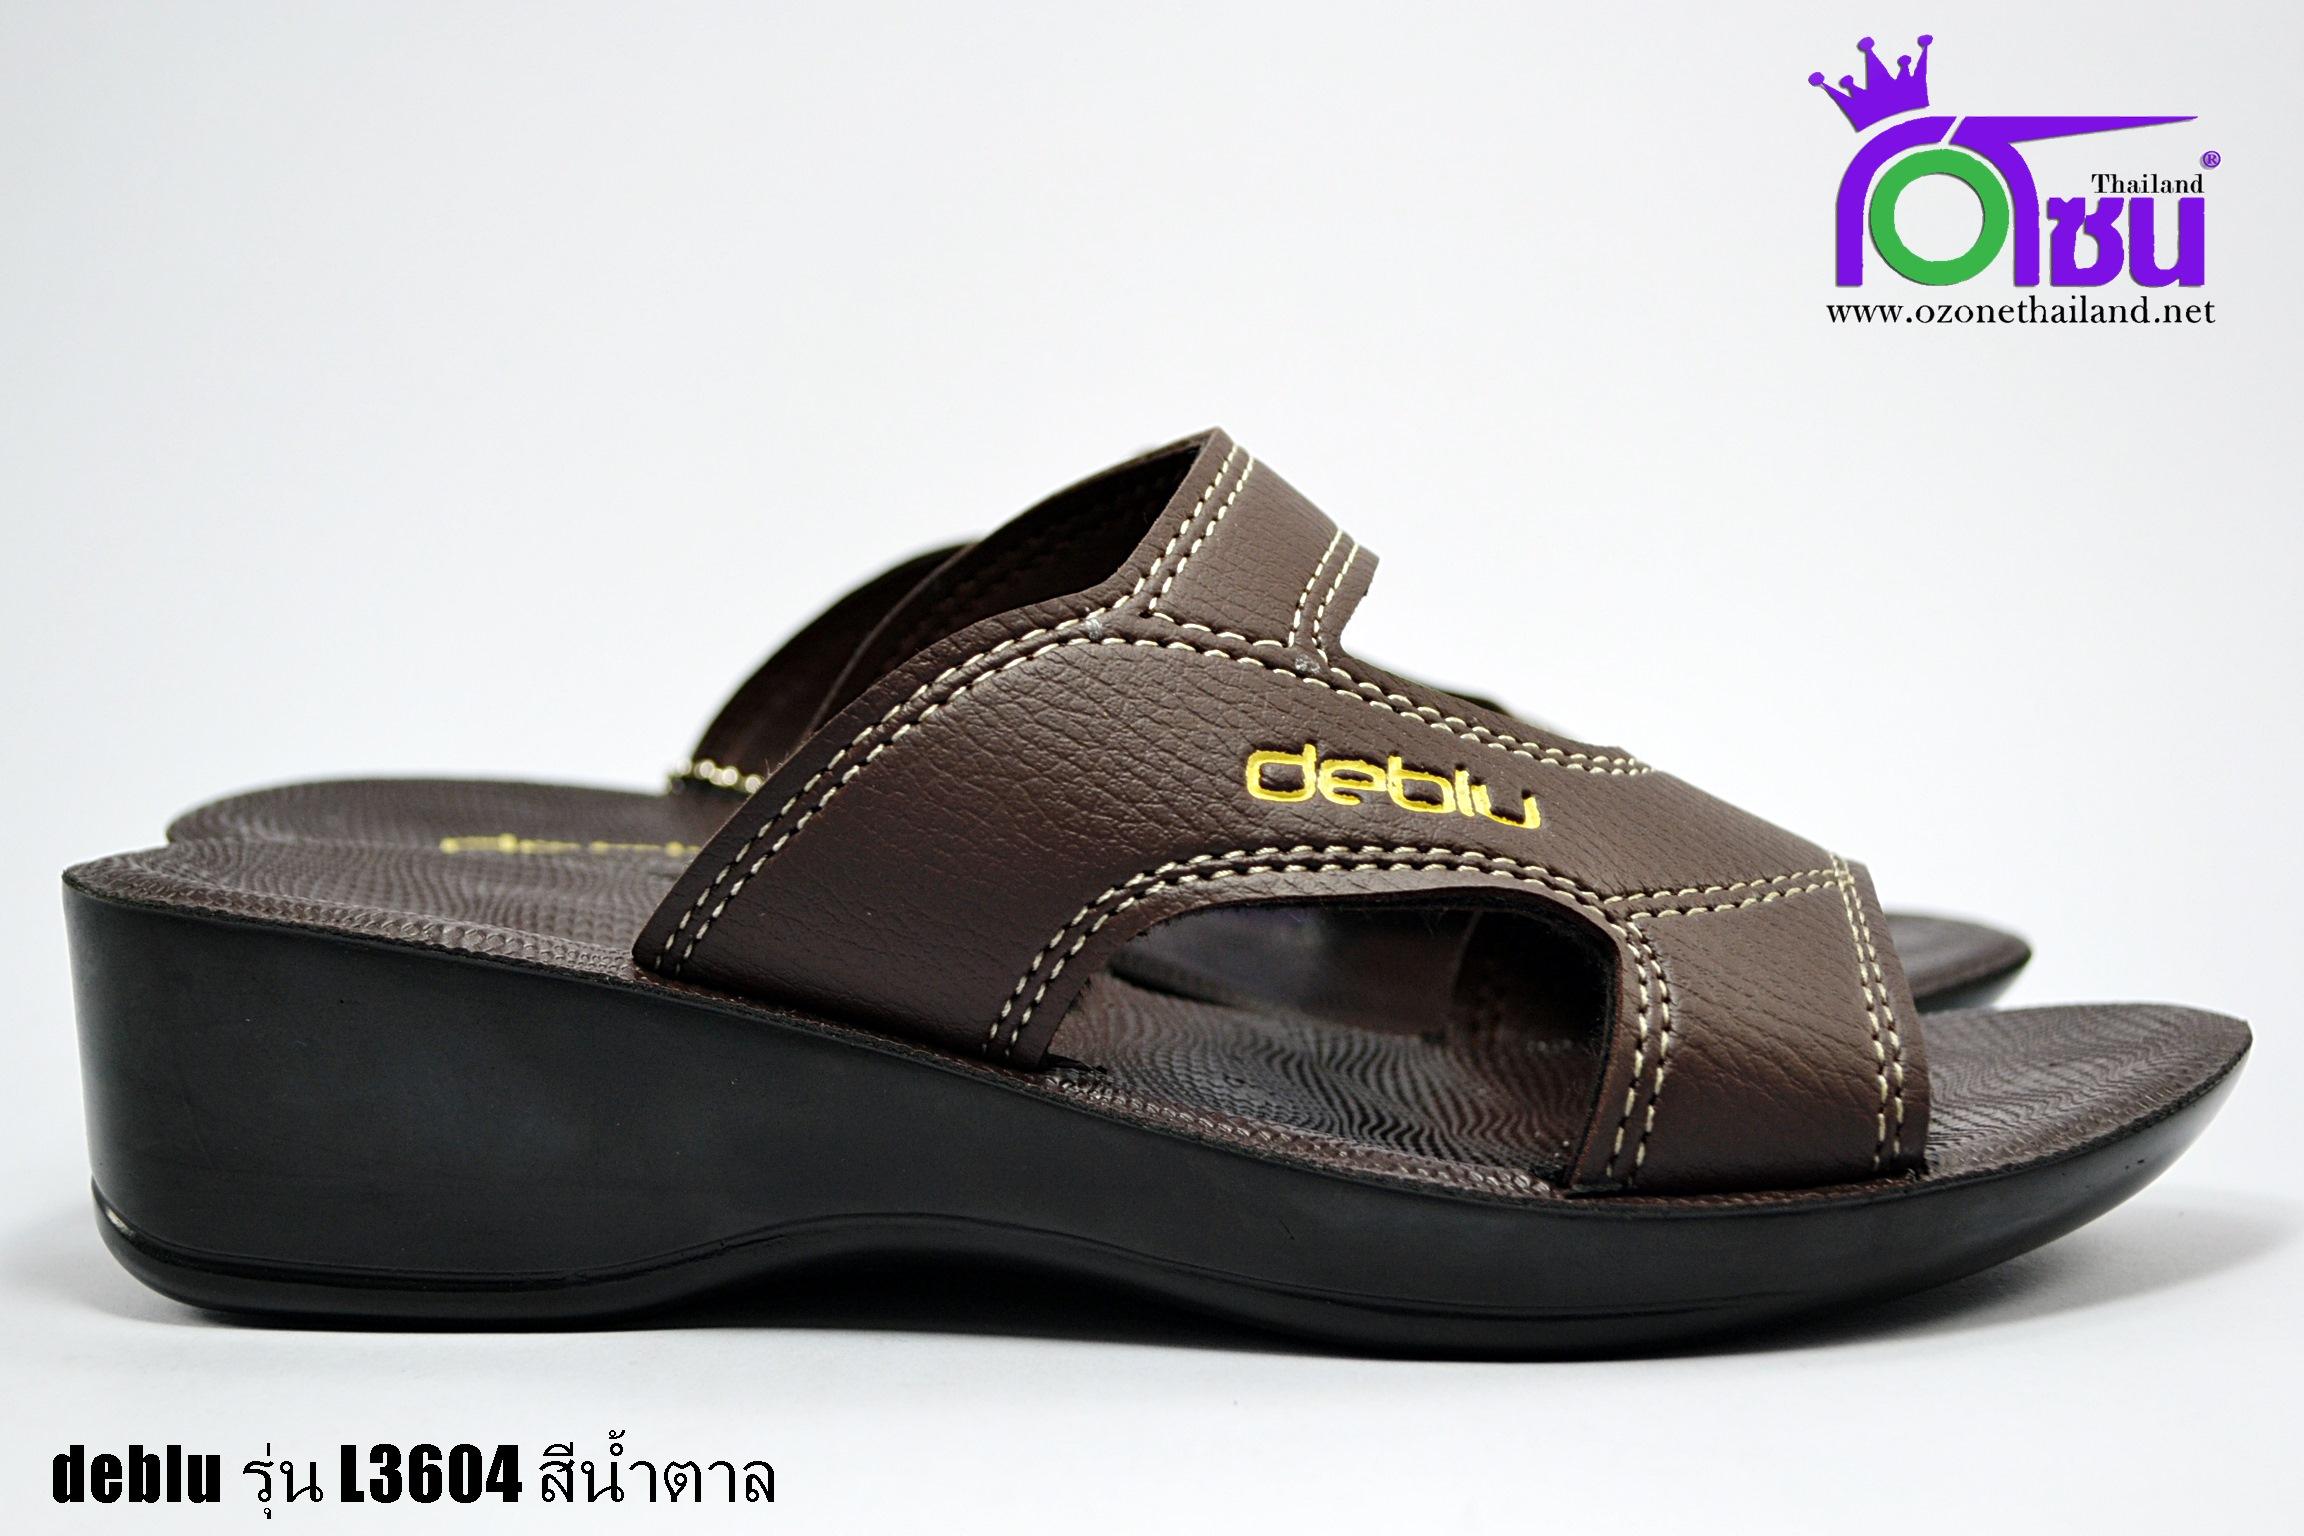 รองเท้าเดอบลู deblu รุ่น L3604 สีน้ำตาล เบอร์36-41